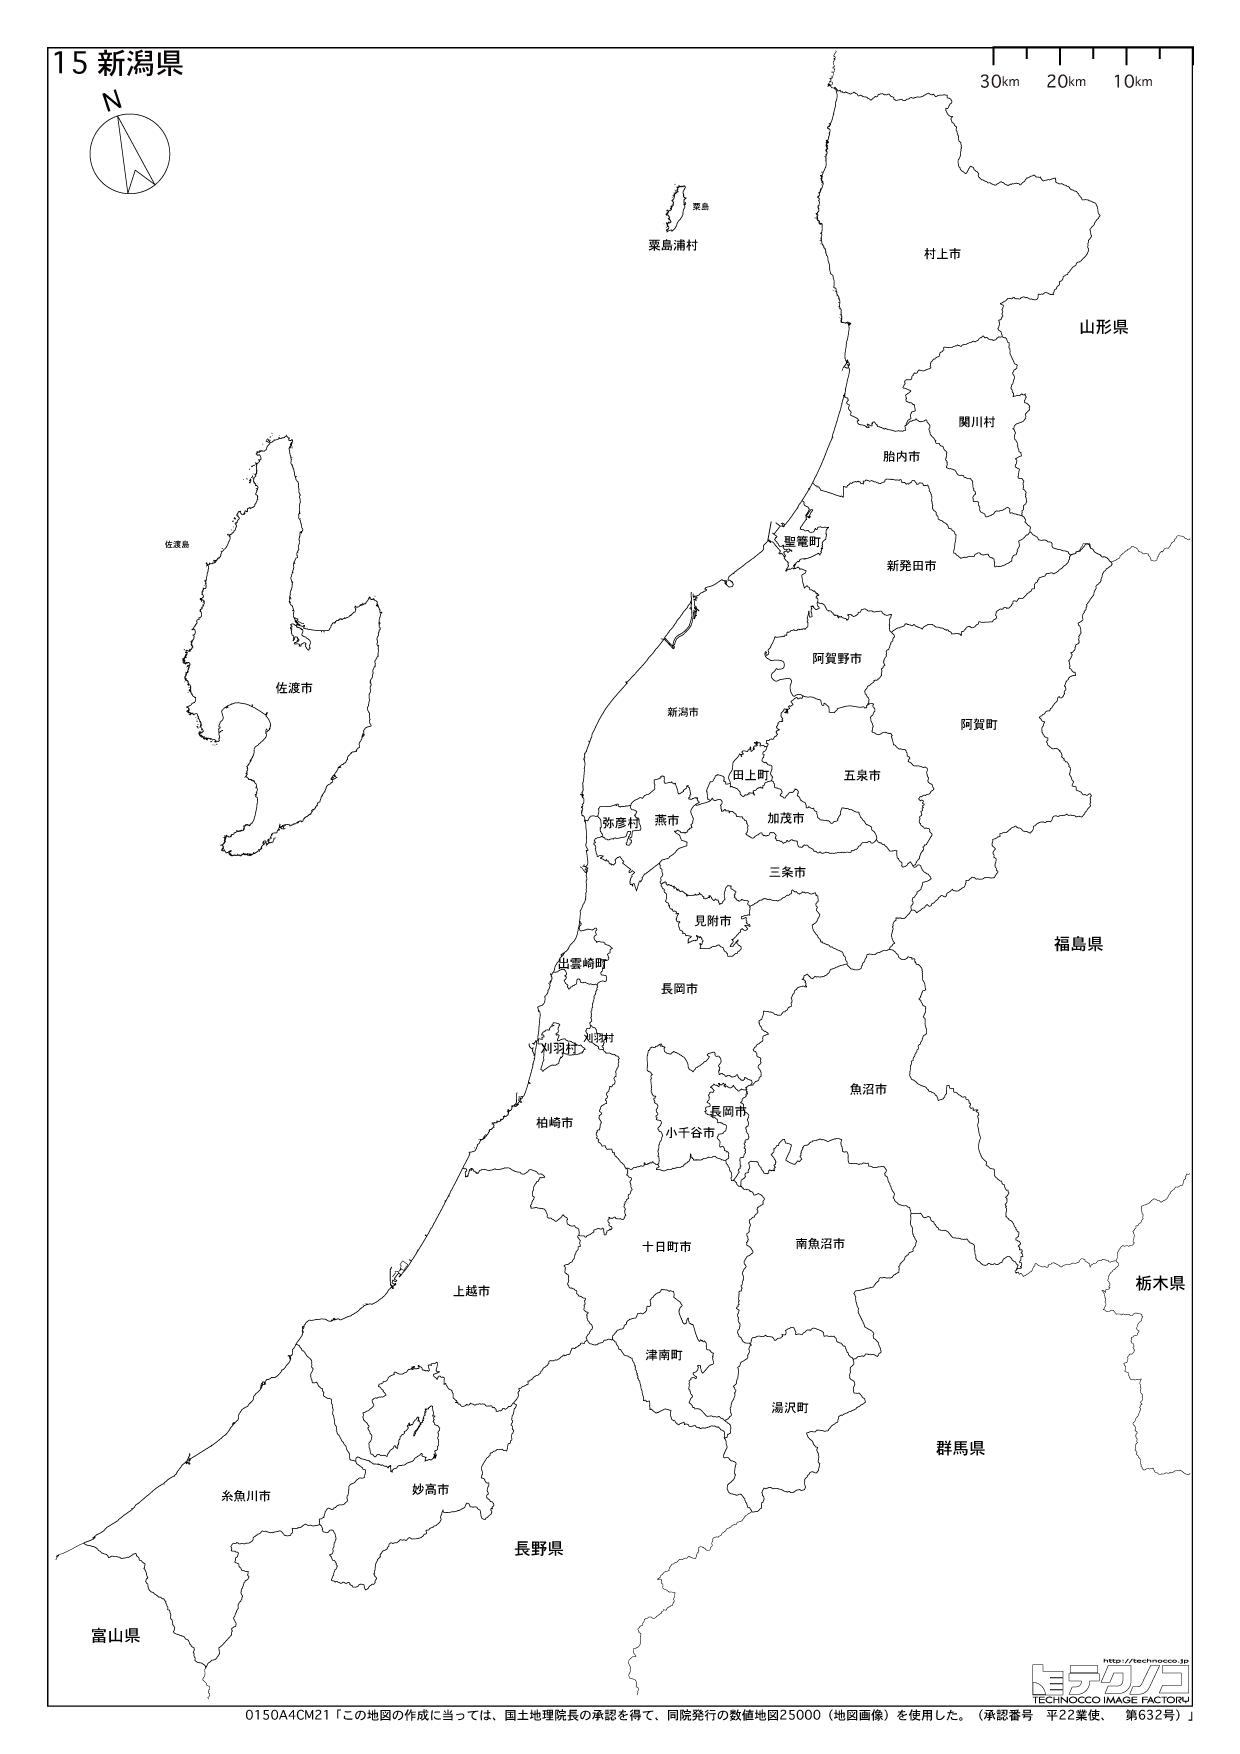 新潟県の白地図,都道府県コード1...